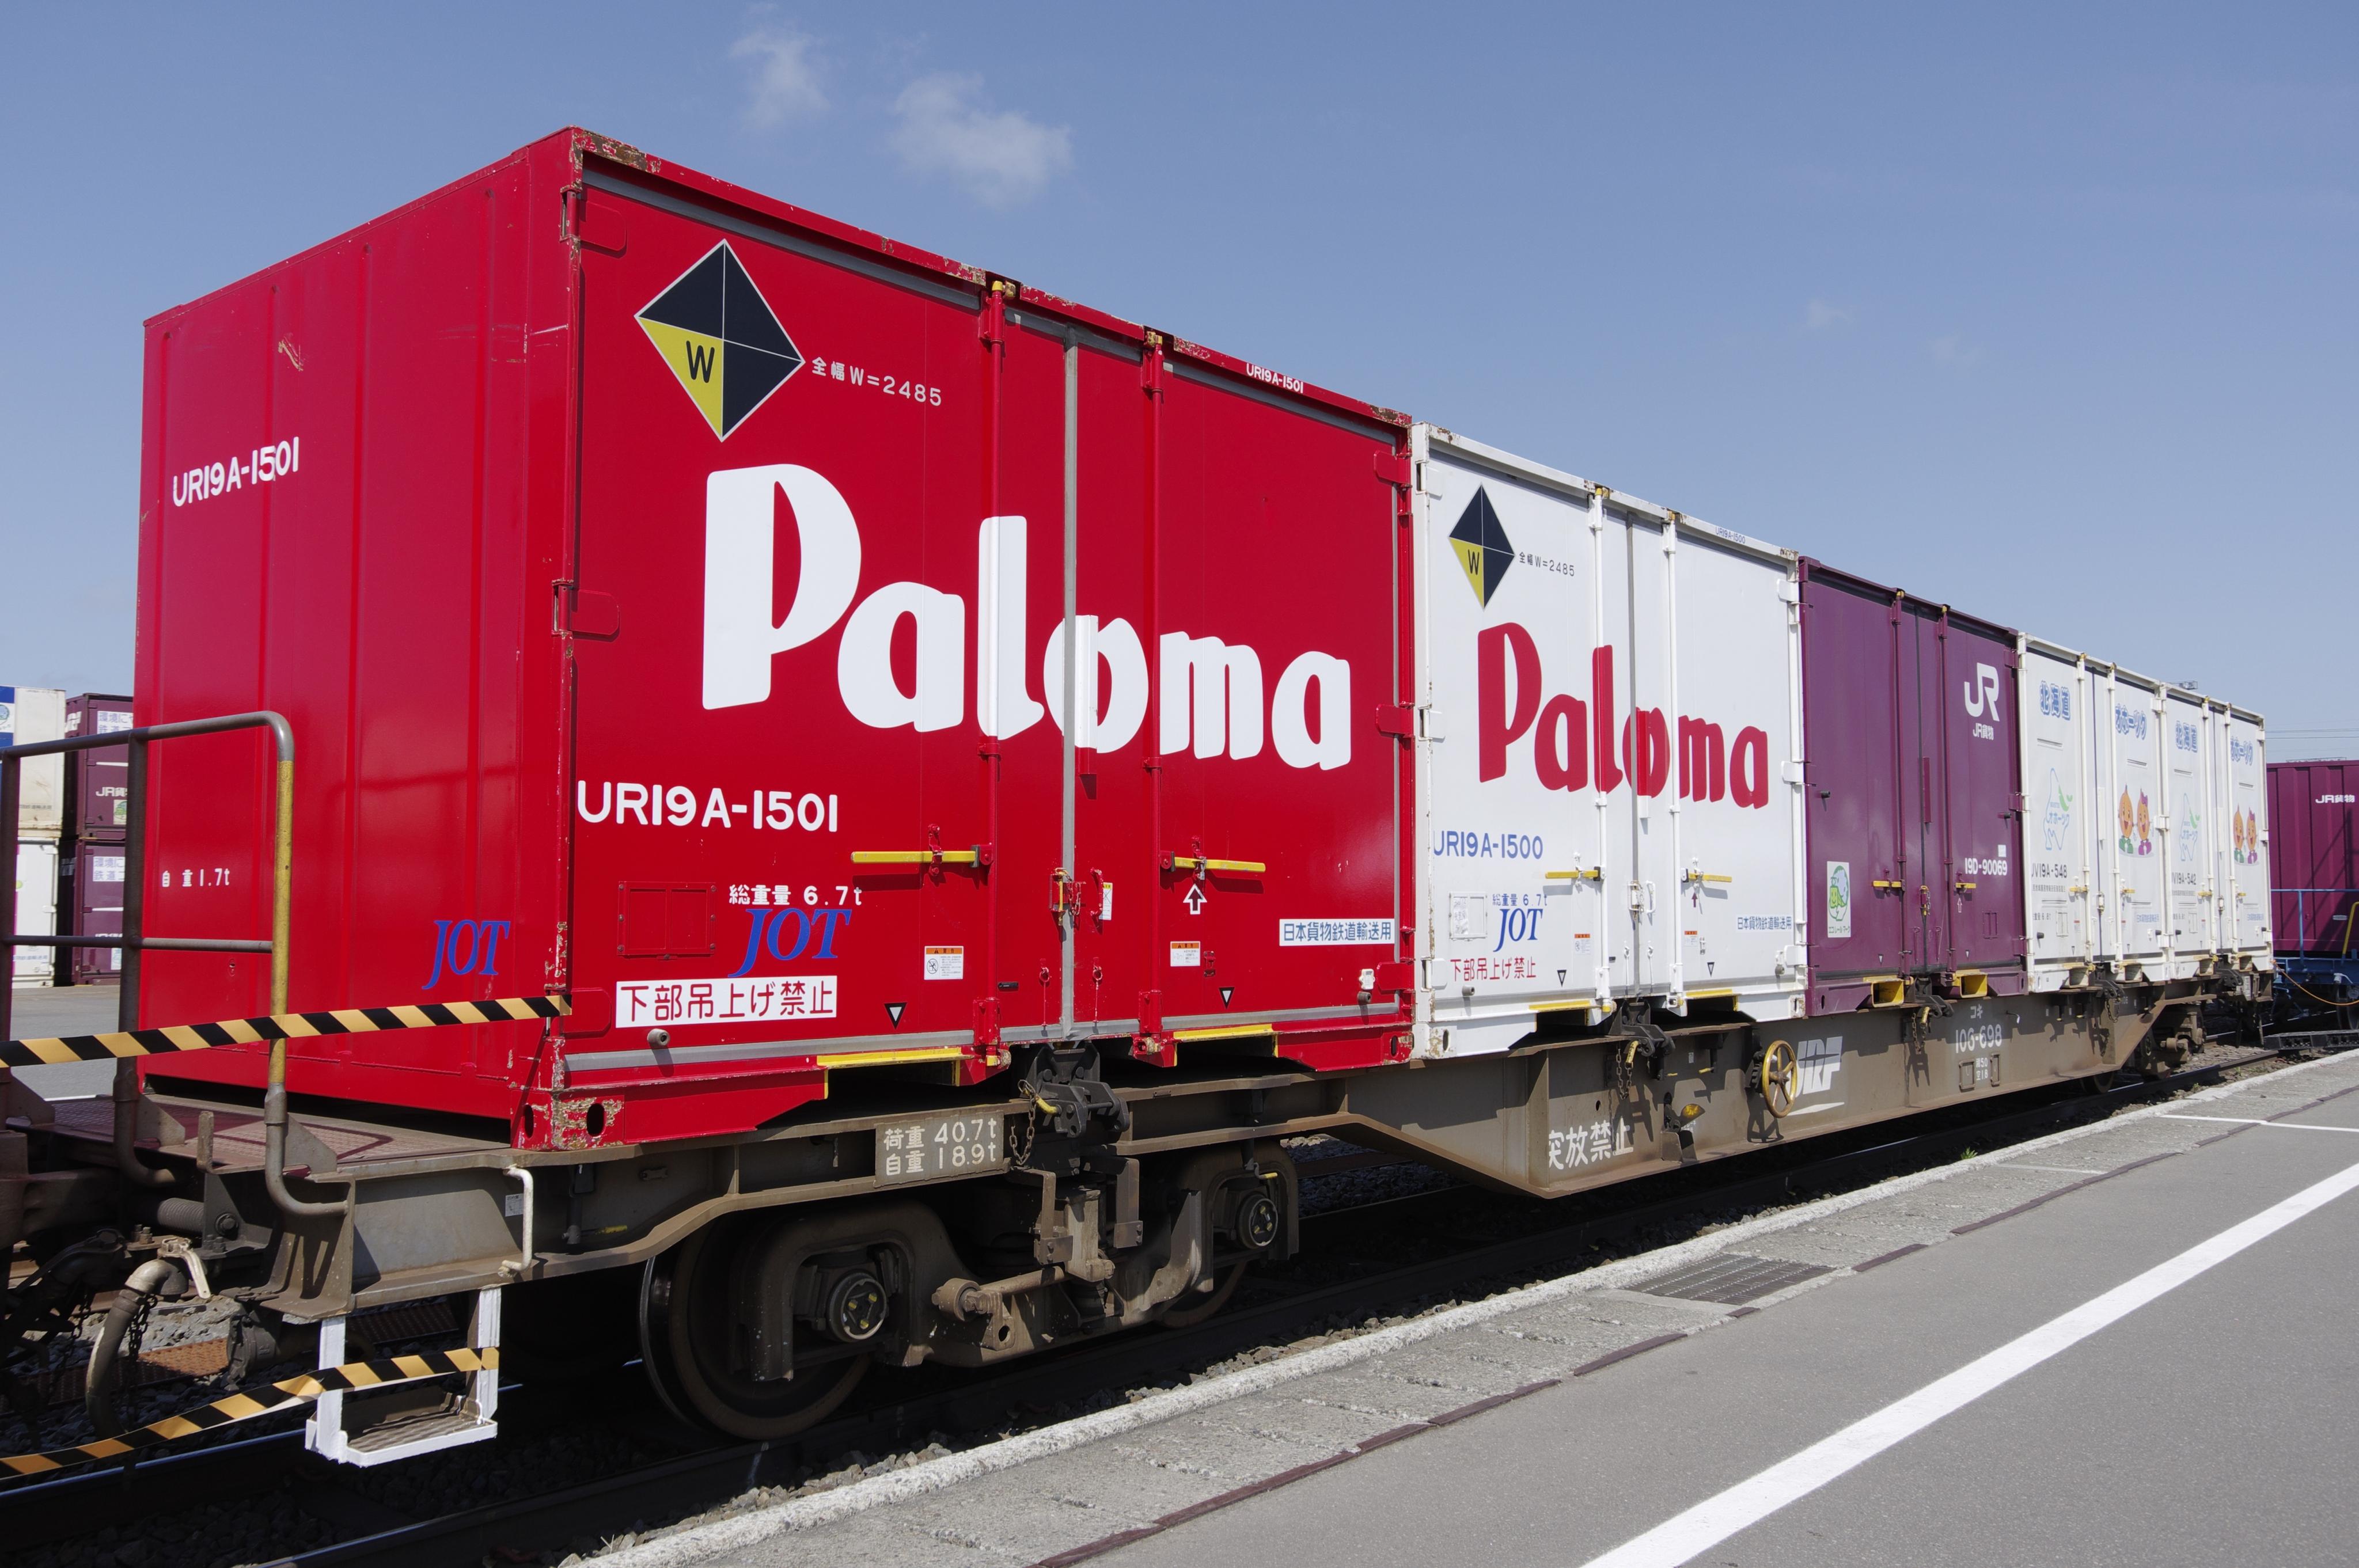 鉄道貨物フェスティバル2018in札幌 パロマコンテナ_180520.jpg